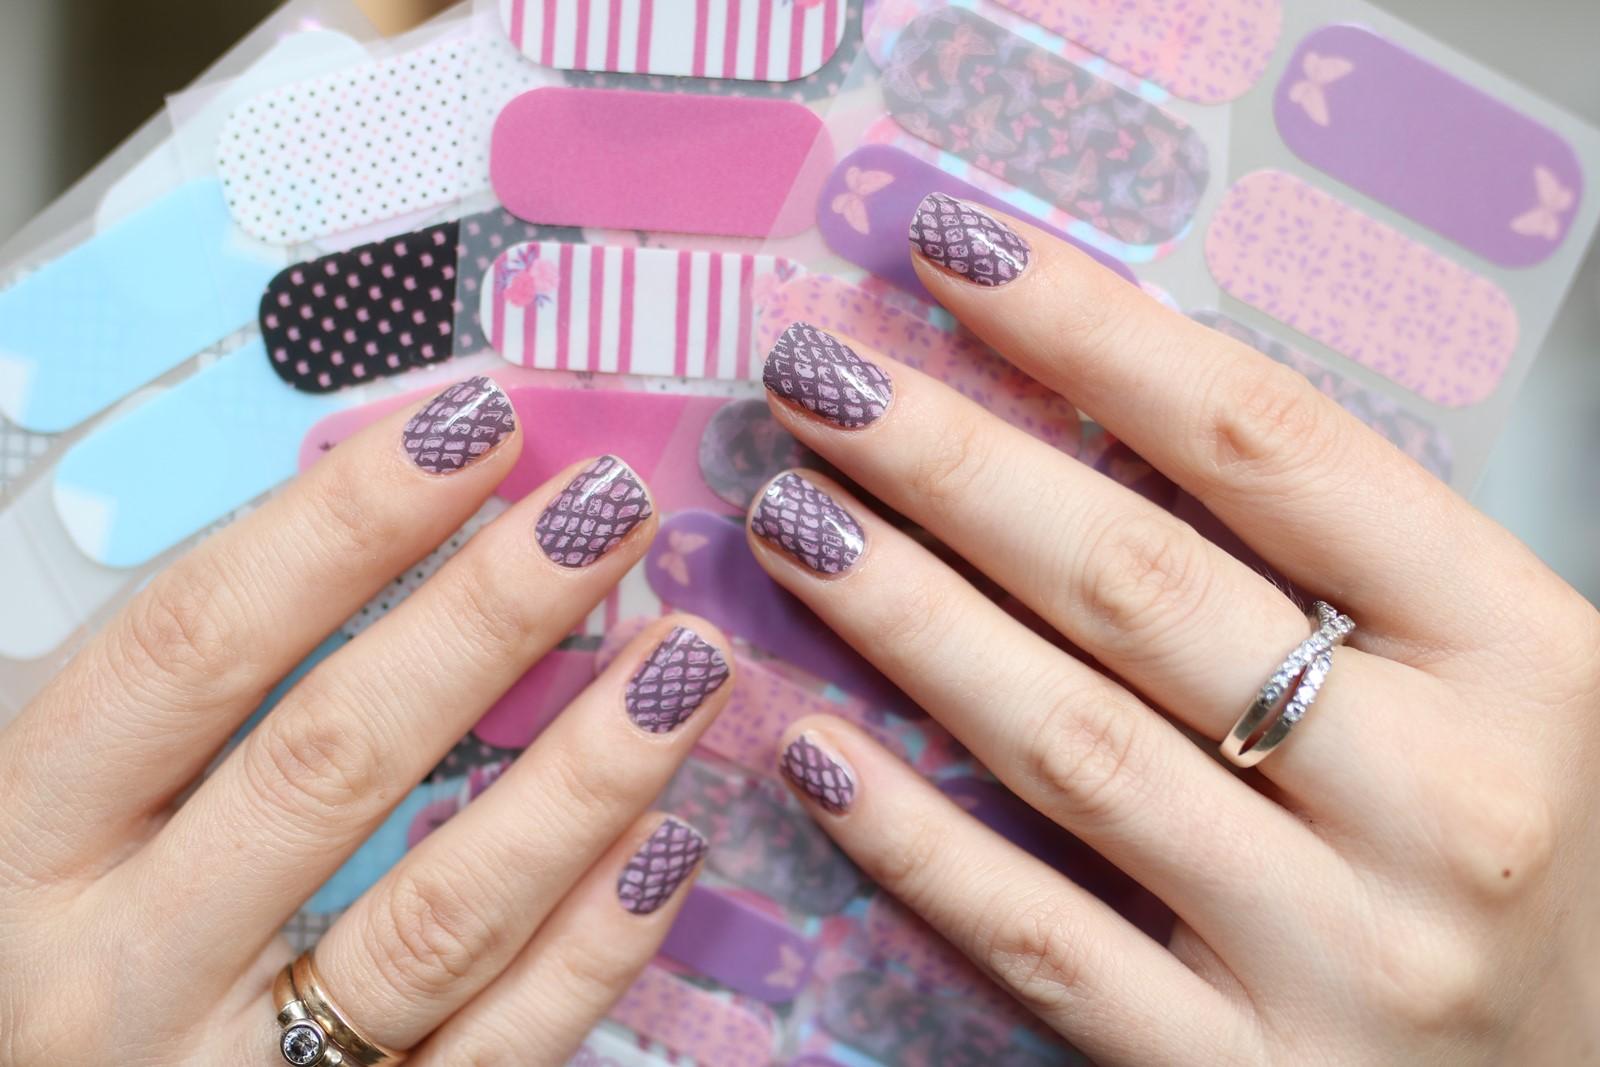 Manirouge - naklejki termiczne na paznokcie - fioletowa panterka